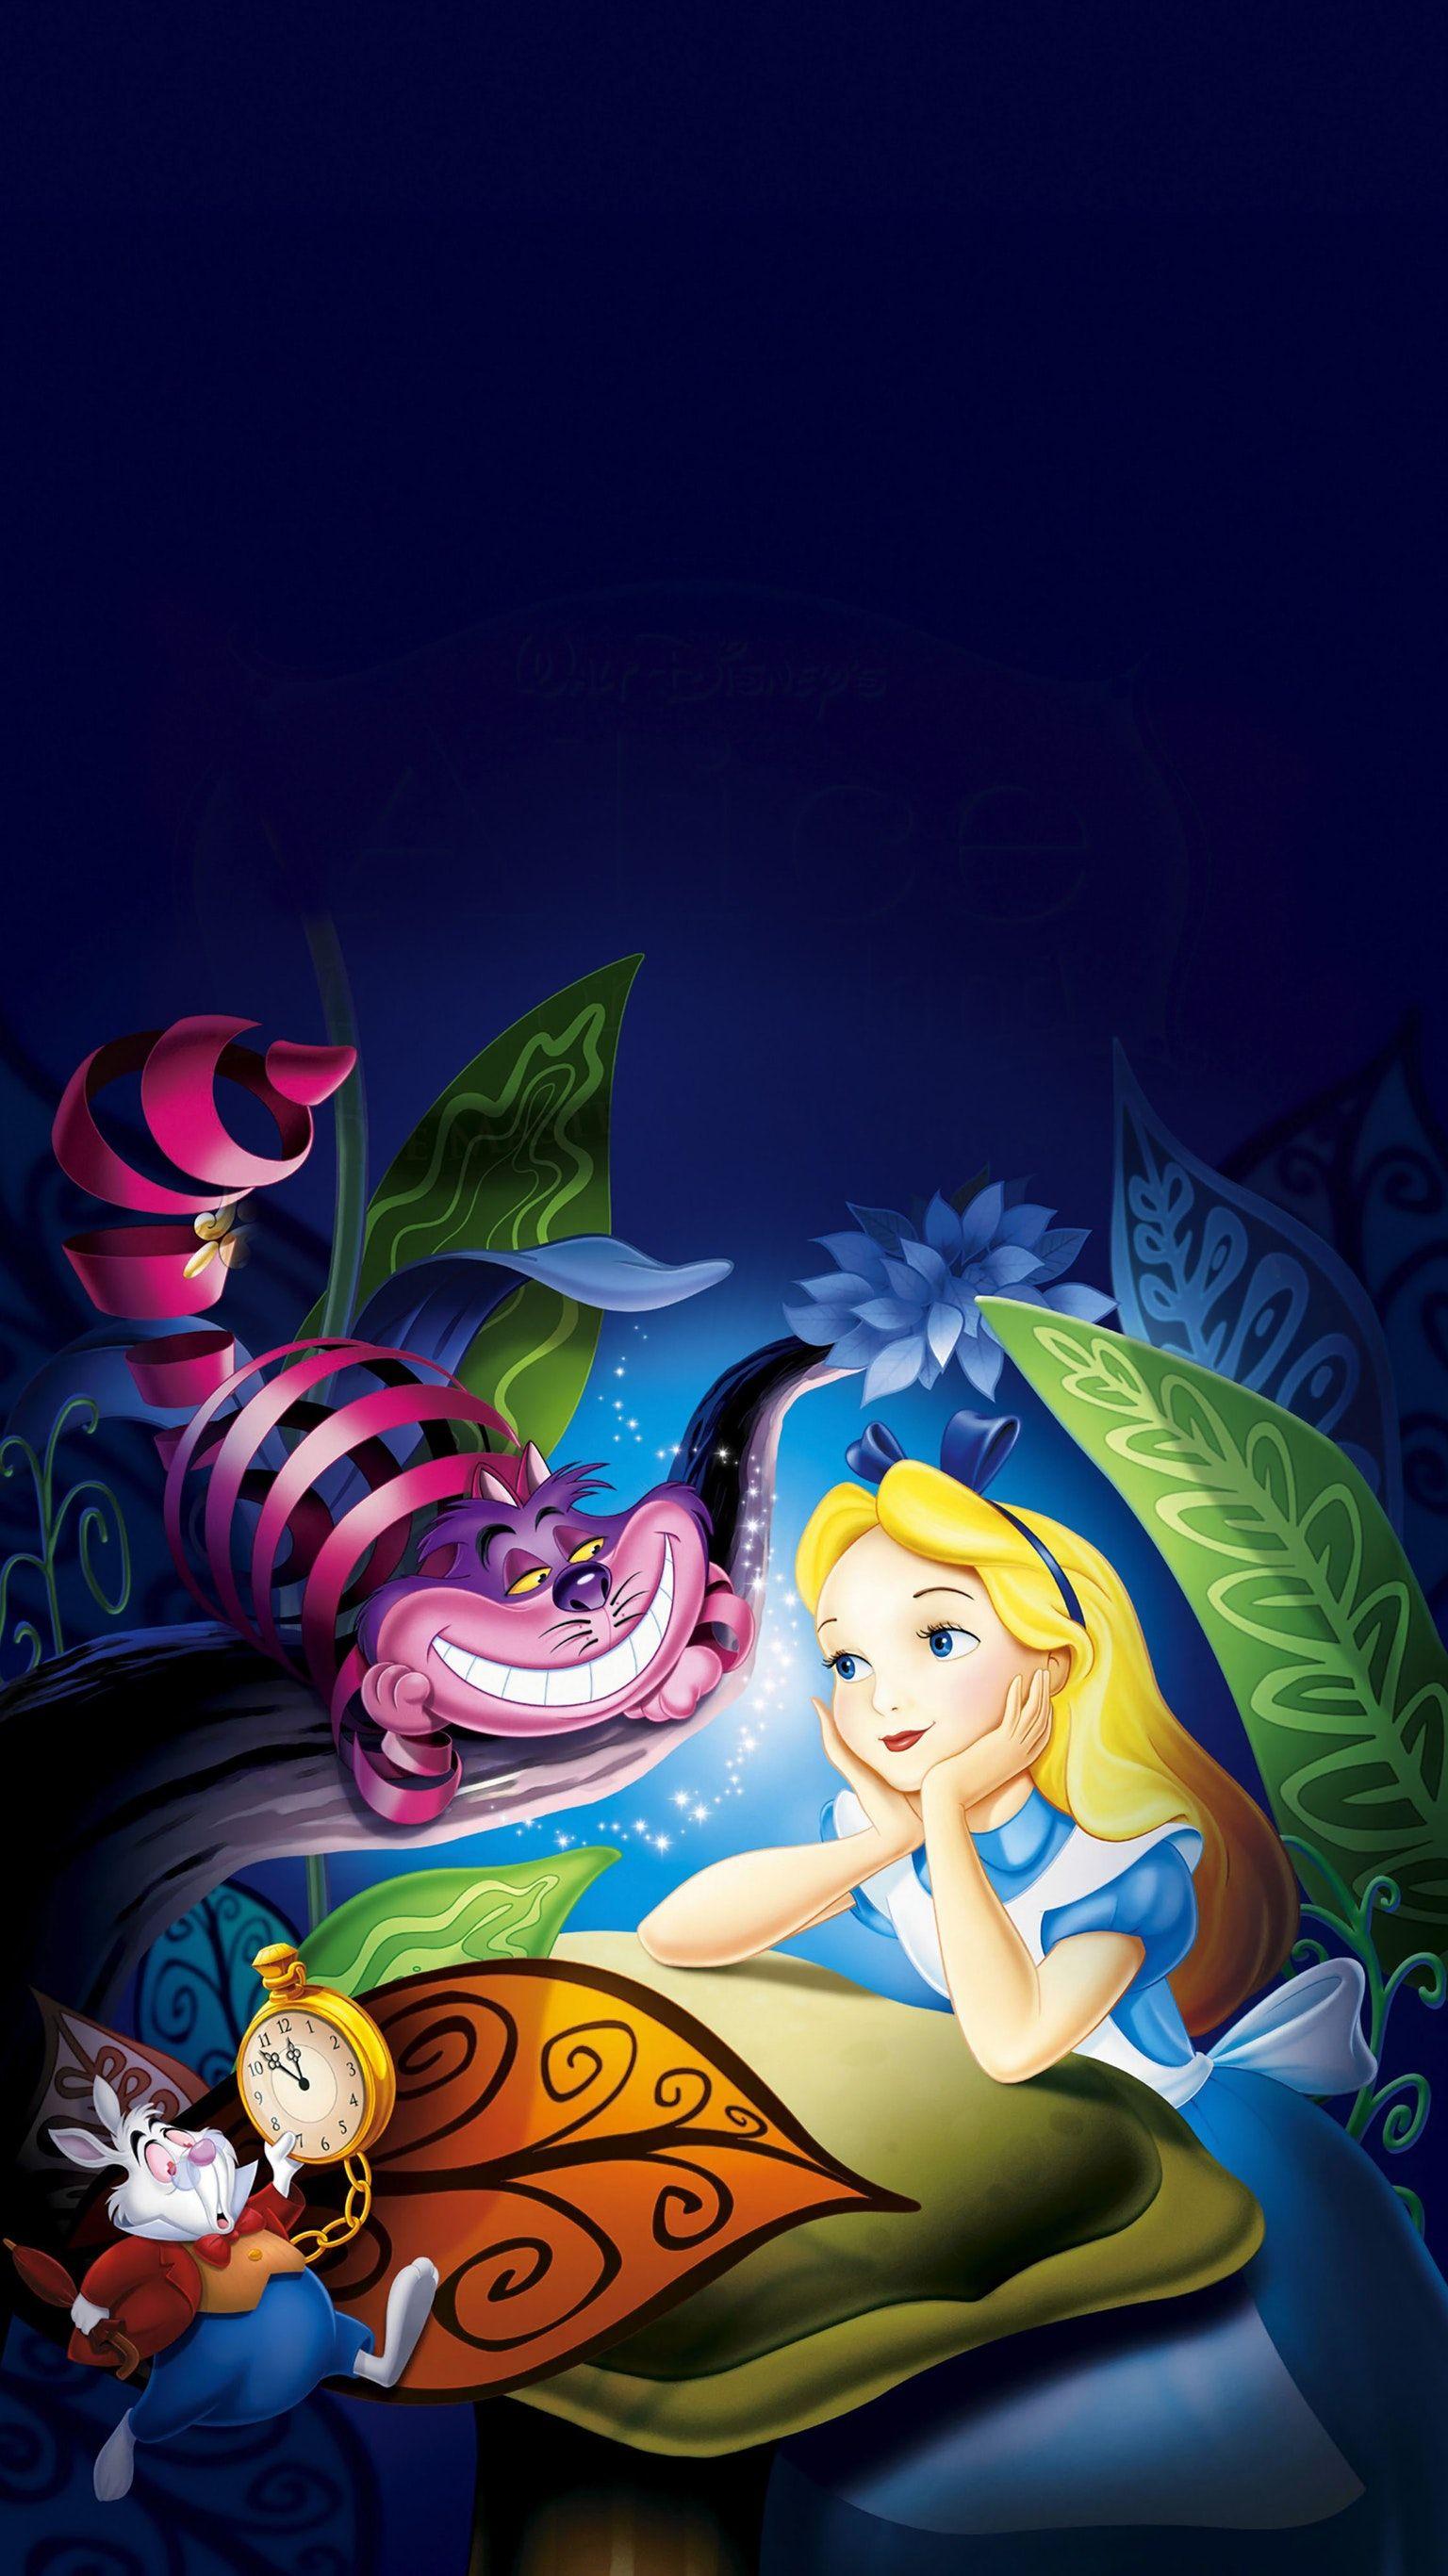 Pin De Anne Scardua Em Alice No Pais Das Maravilhas Com Imagens